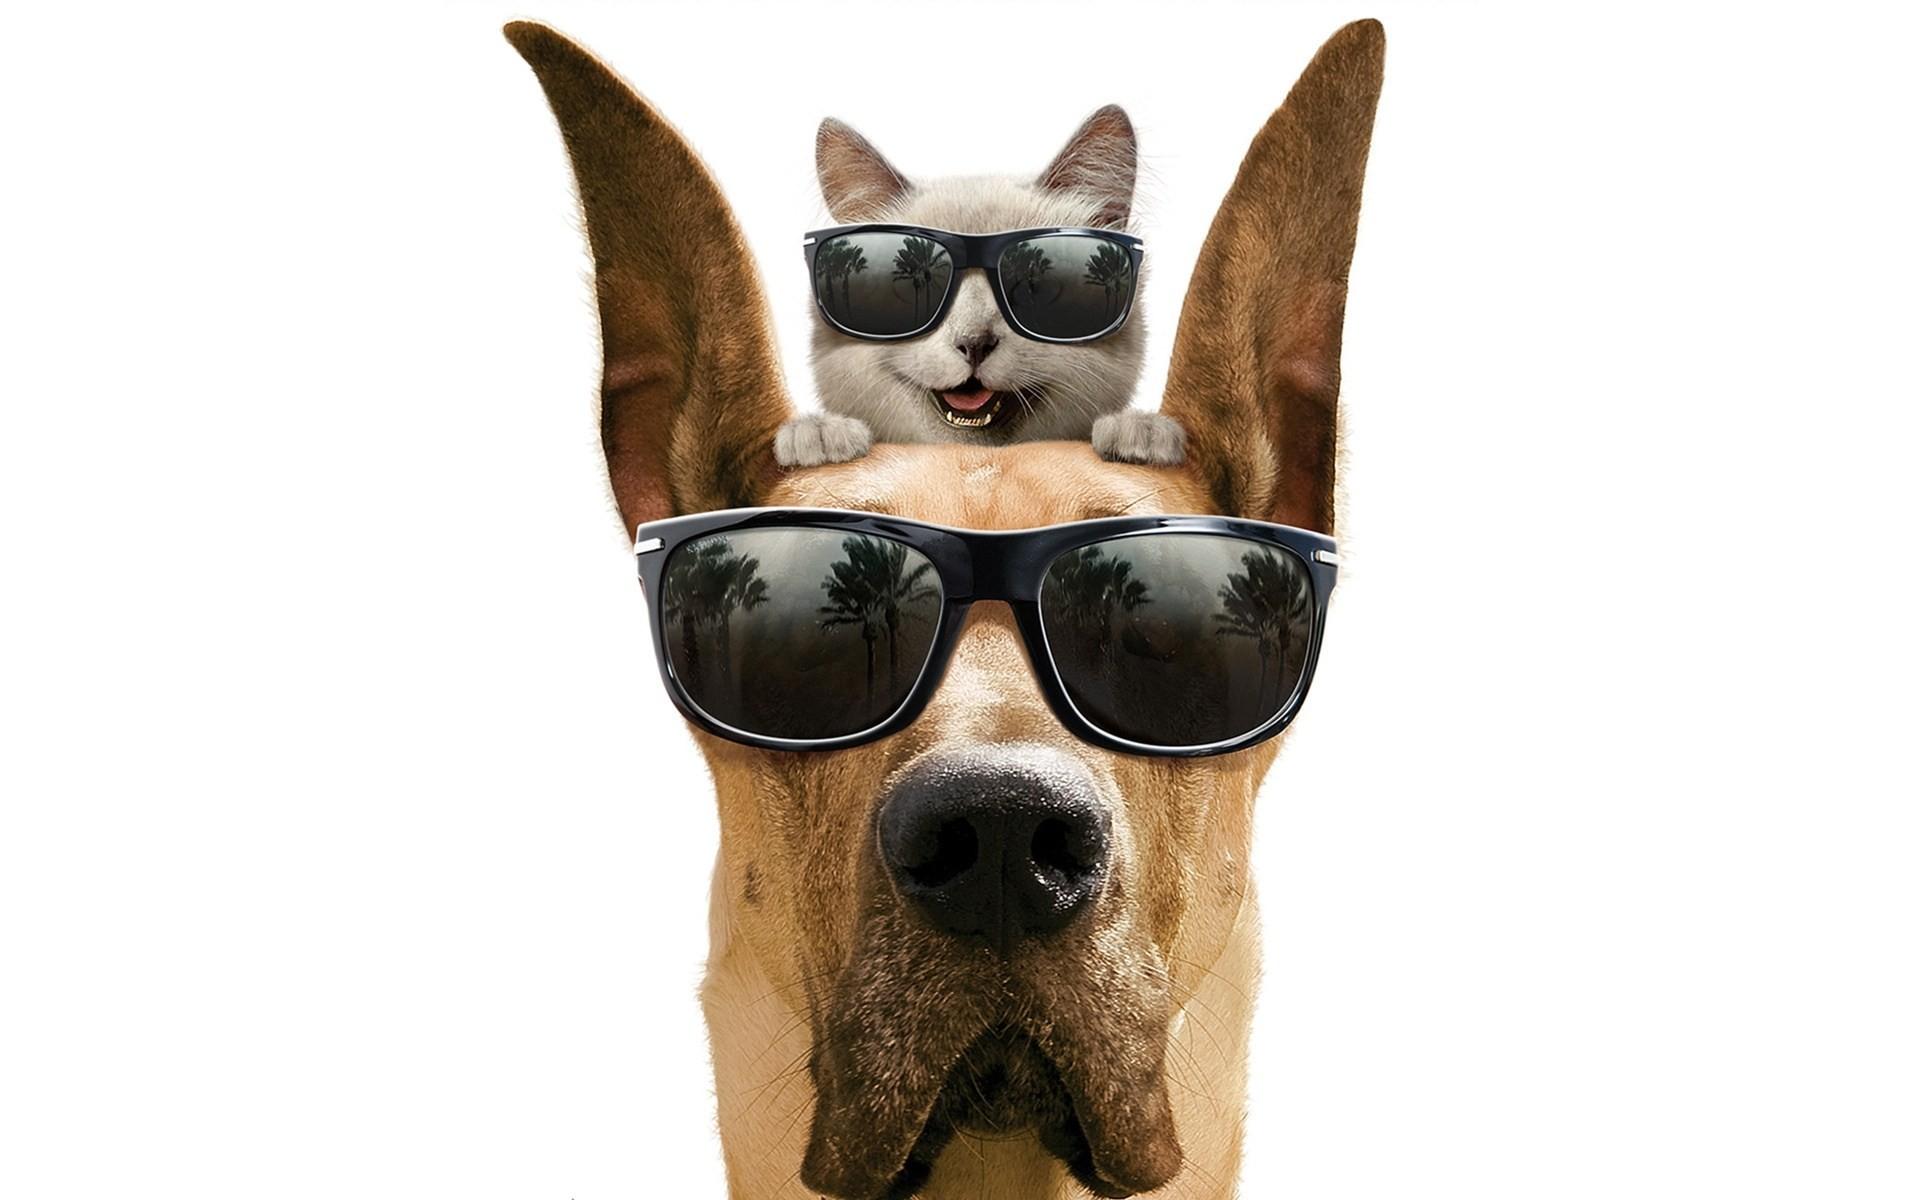 природа кот животное очки прикольное бесплатно